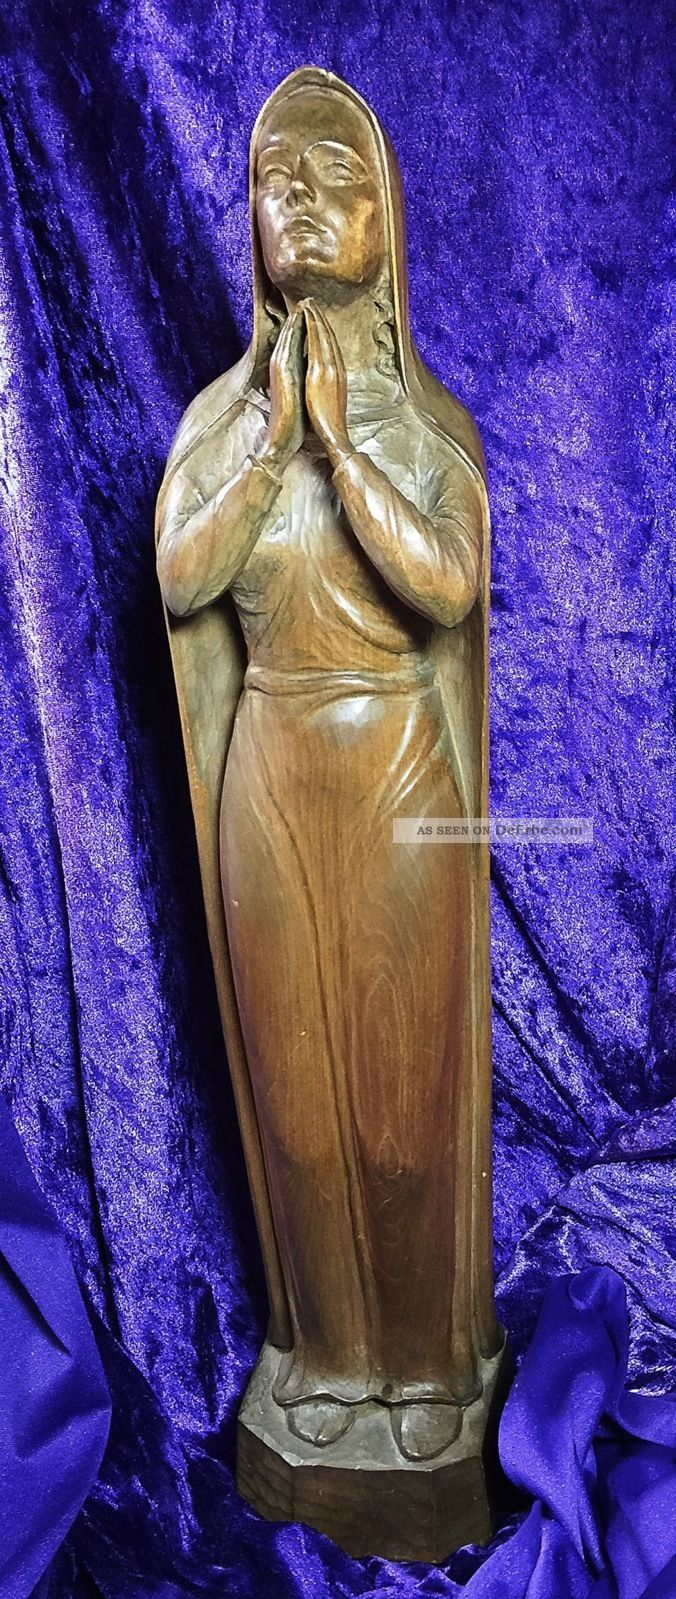 Wunderschöne Madonnenfigur / Holzschnitzkunst / Gemarkt H R / 1946 / 53 Cm Skulpturen & Kruzifixe Bild